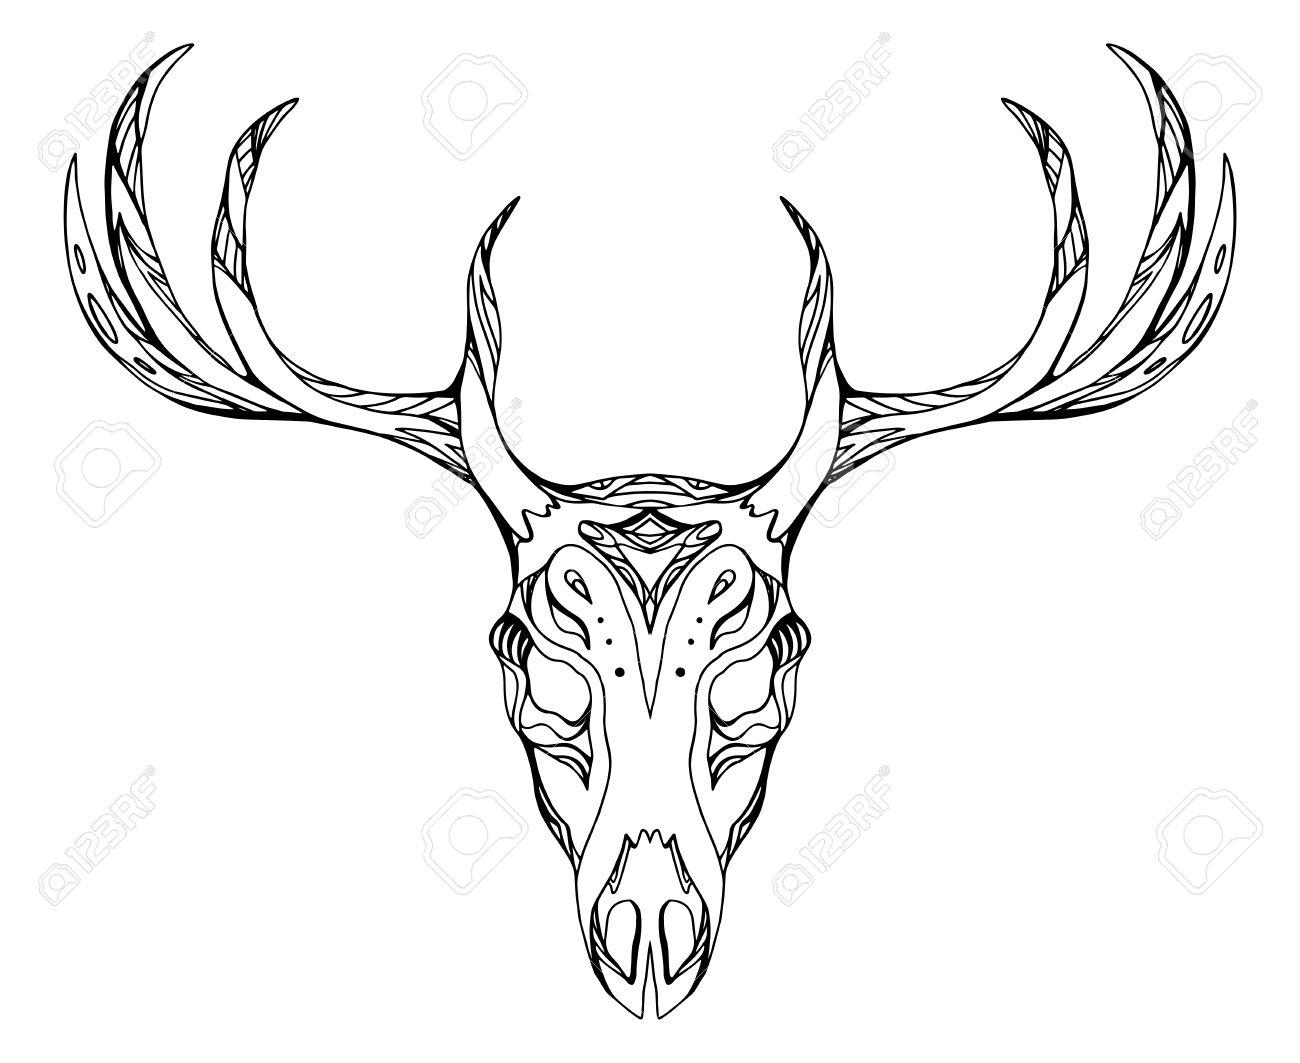 Ilustración De Contorno De Un Cráneo De Venado Con Cuernos Con El ...